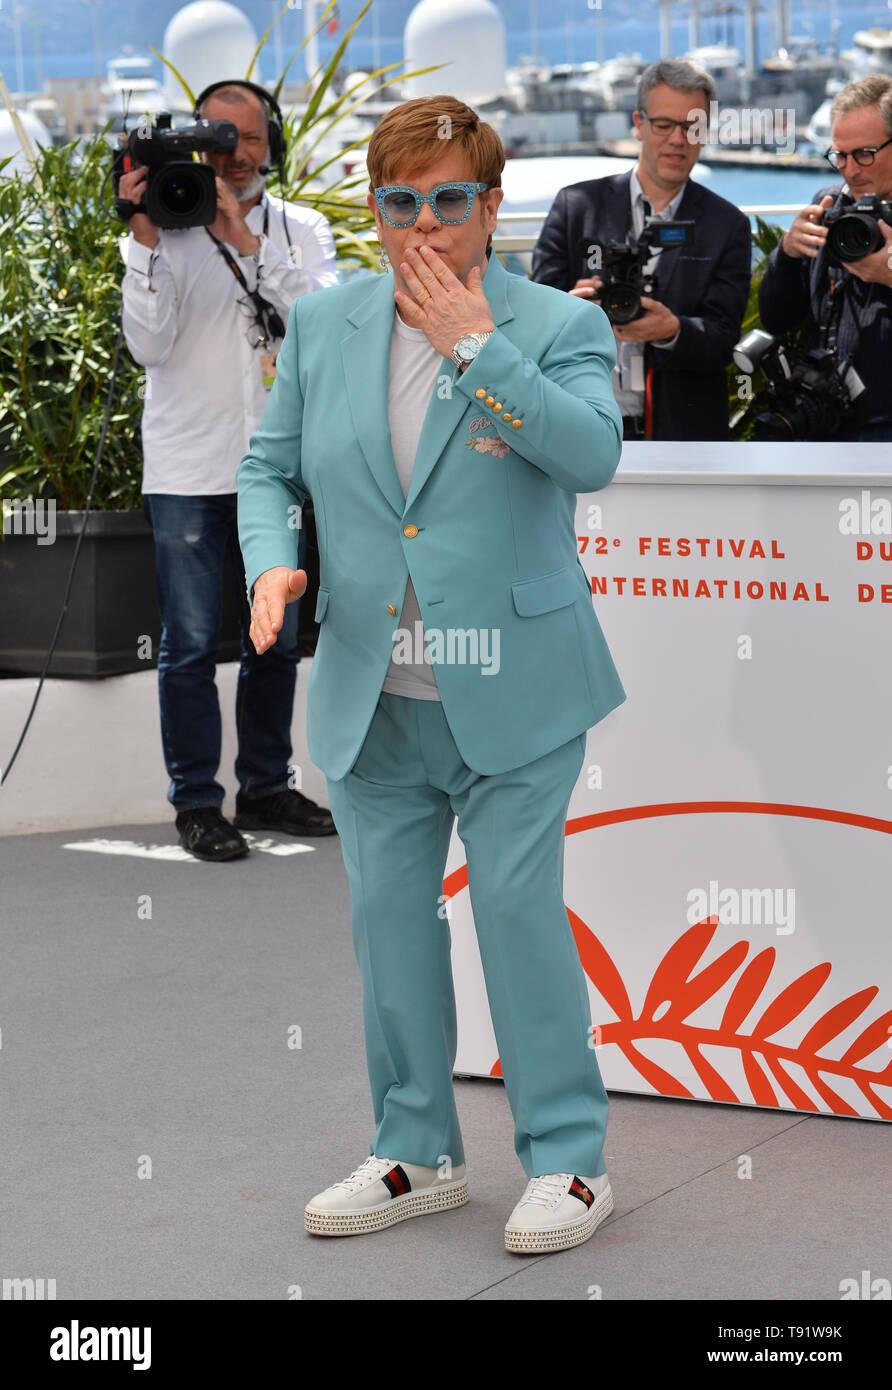 Cannes, Francia. 16 de mayo de 2019. CANNES, Francia. Mayo 16, 2019: Elton John en el photocall para la 'Rocketman' en la 72ª edición del Festival de Cannes. Crédito de la imagen: Paul Smith/Alamy Live News Foto de stock